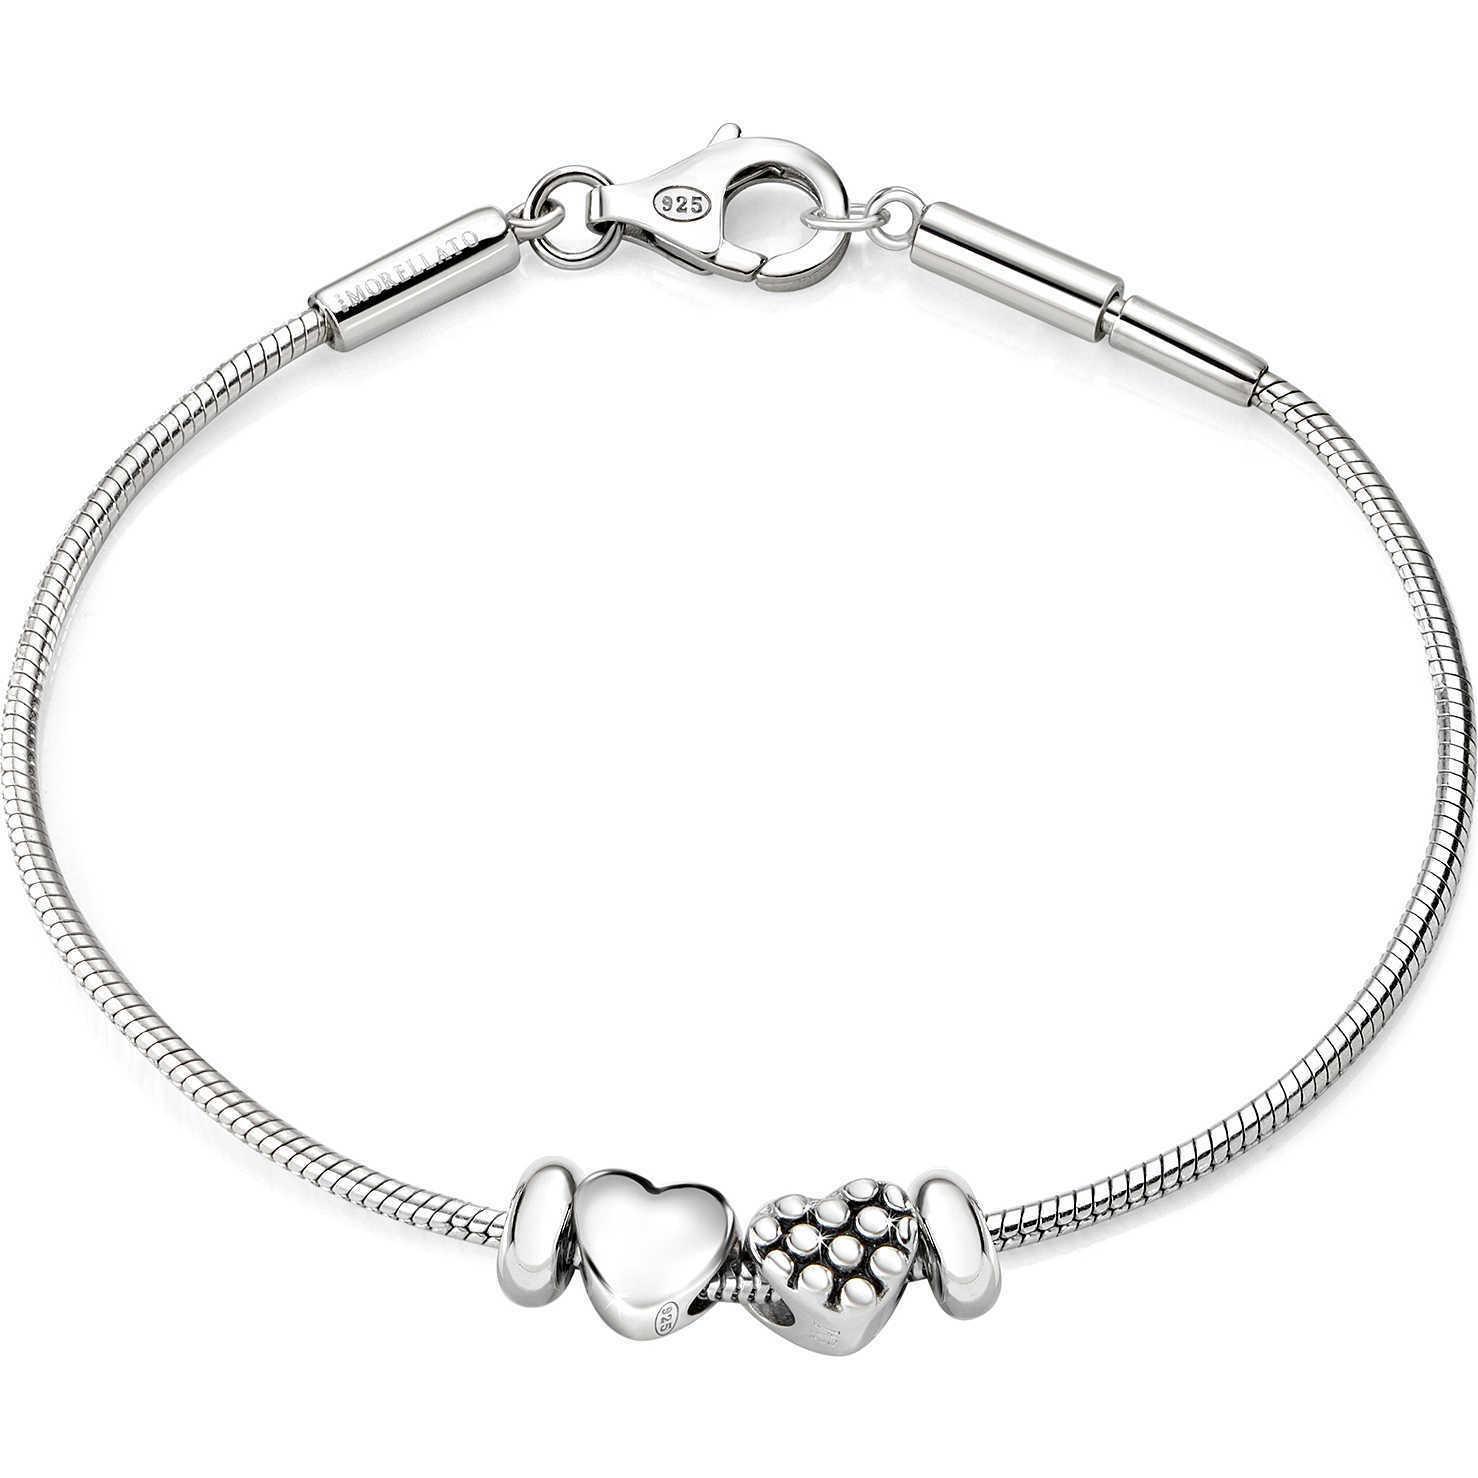 Bracciale  Donna in argento 925 Morellato con charm cuore SAFZ64